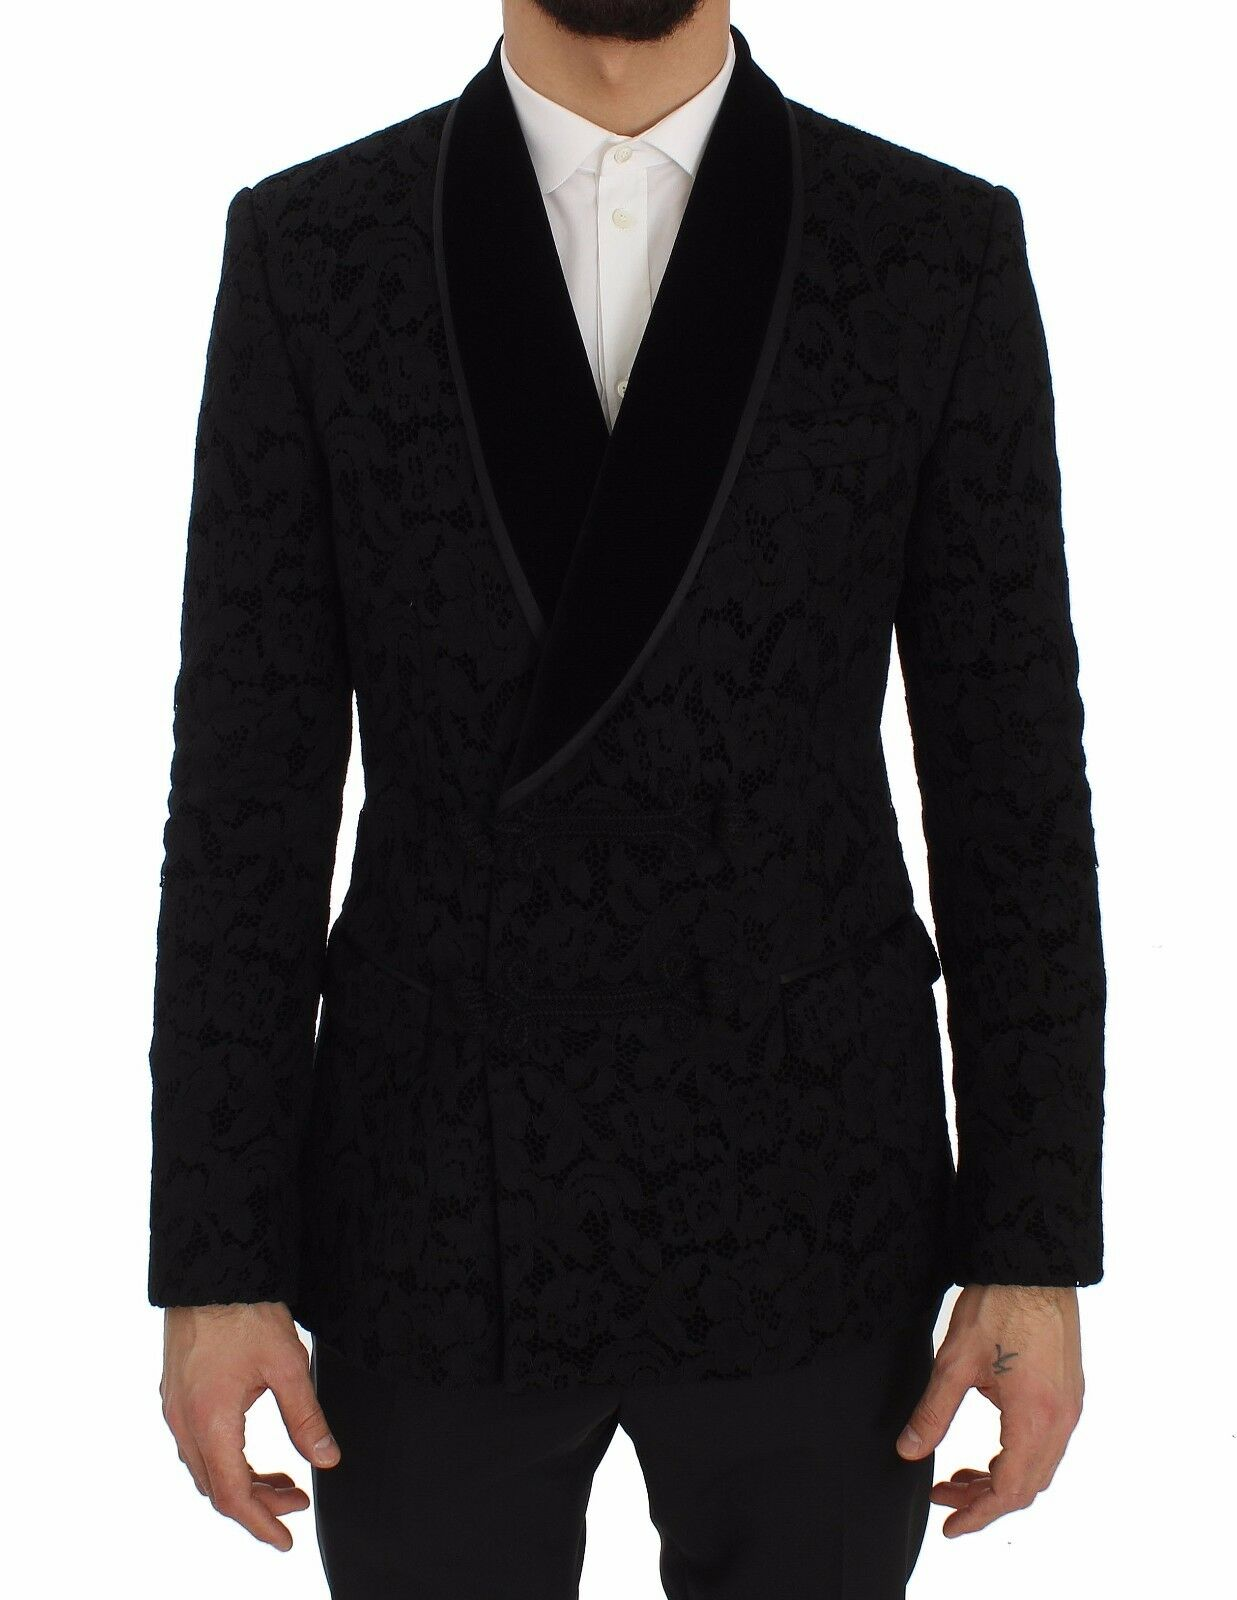 Nuevo Dolce & Gabbana Chaqueta Americana Negro Floral Ricamo Slim Ricamo/ It46/S